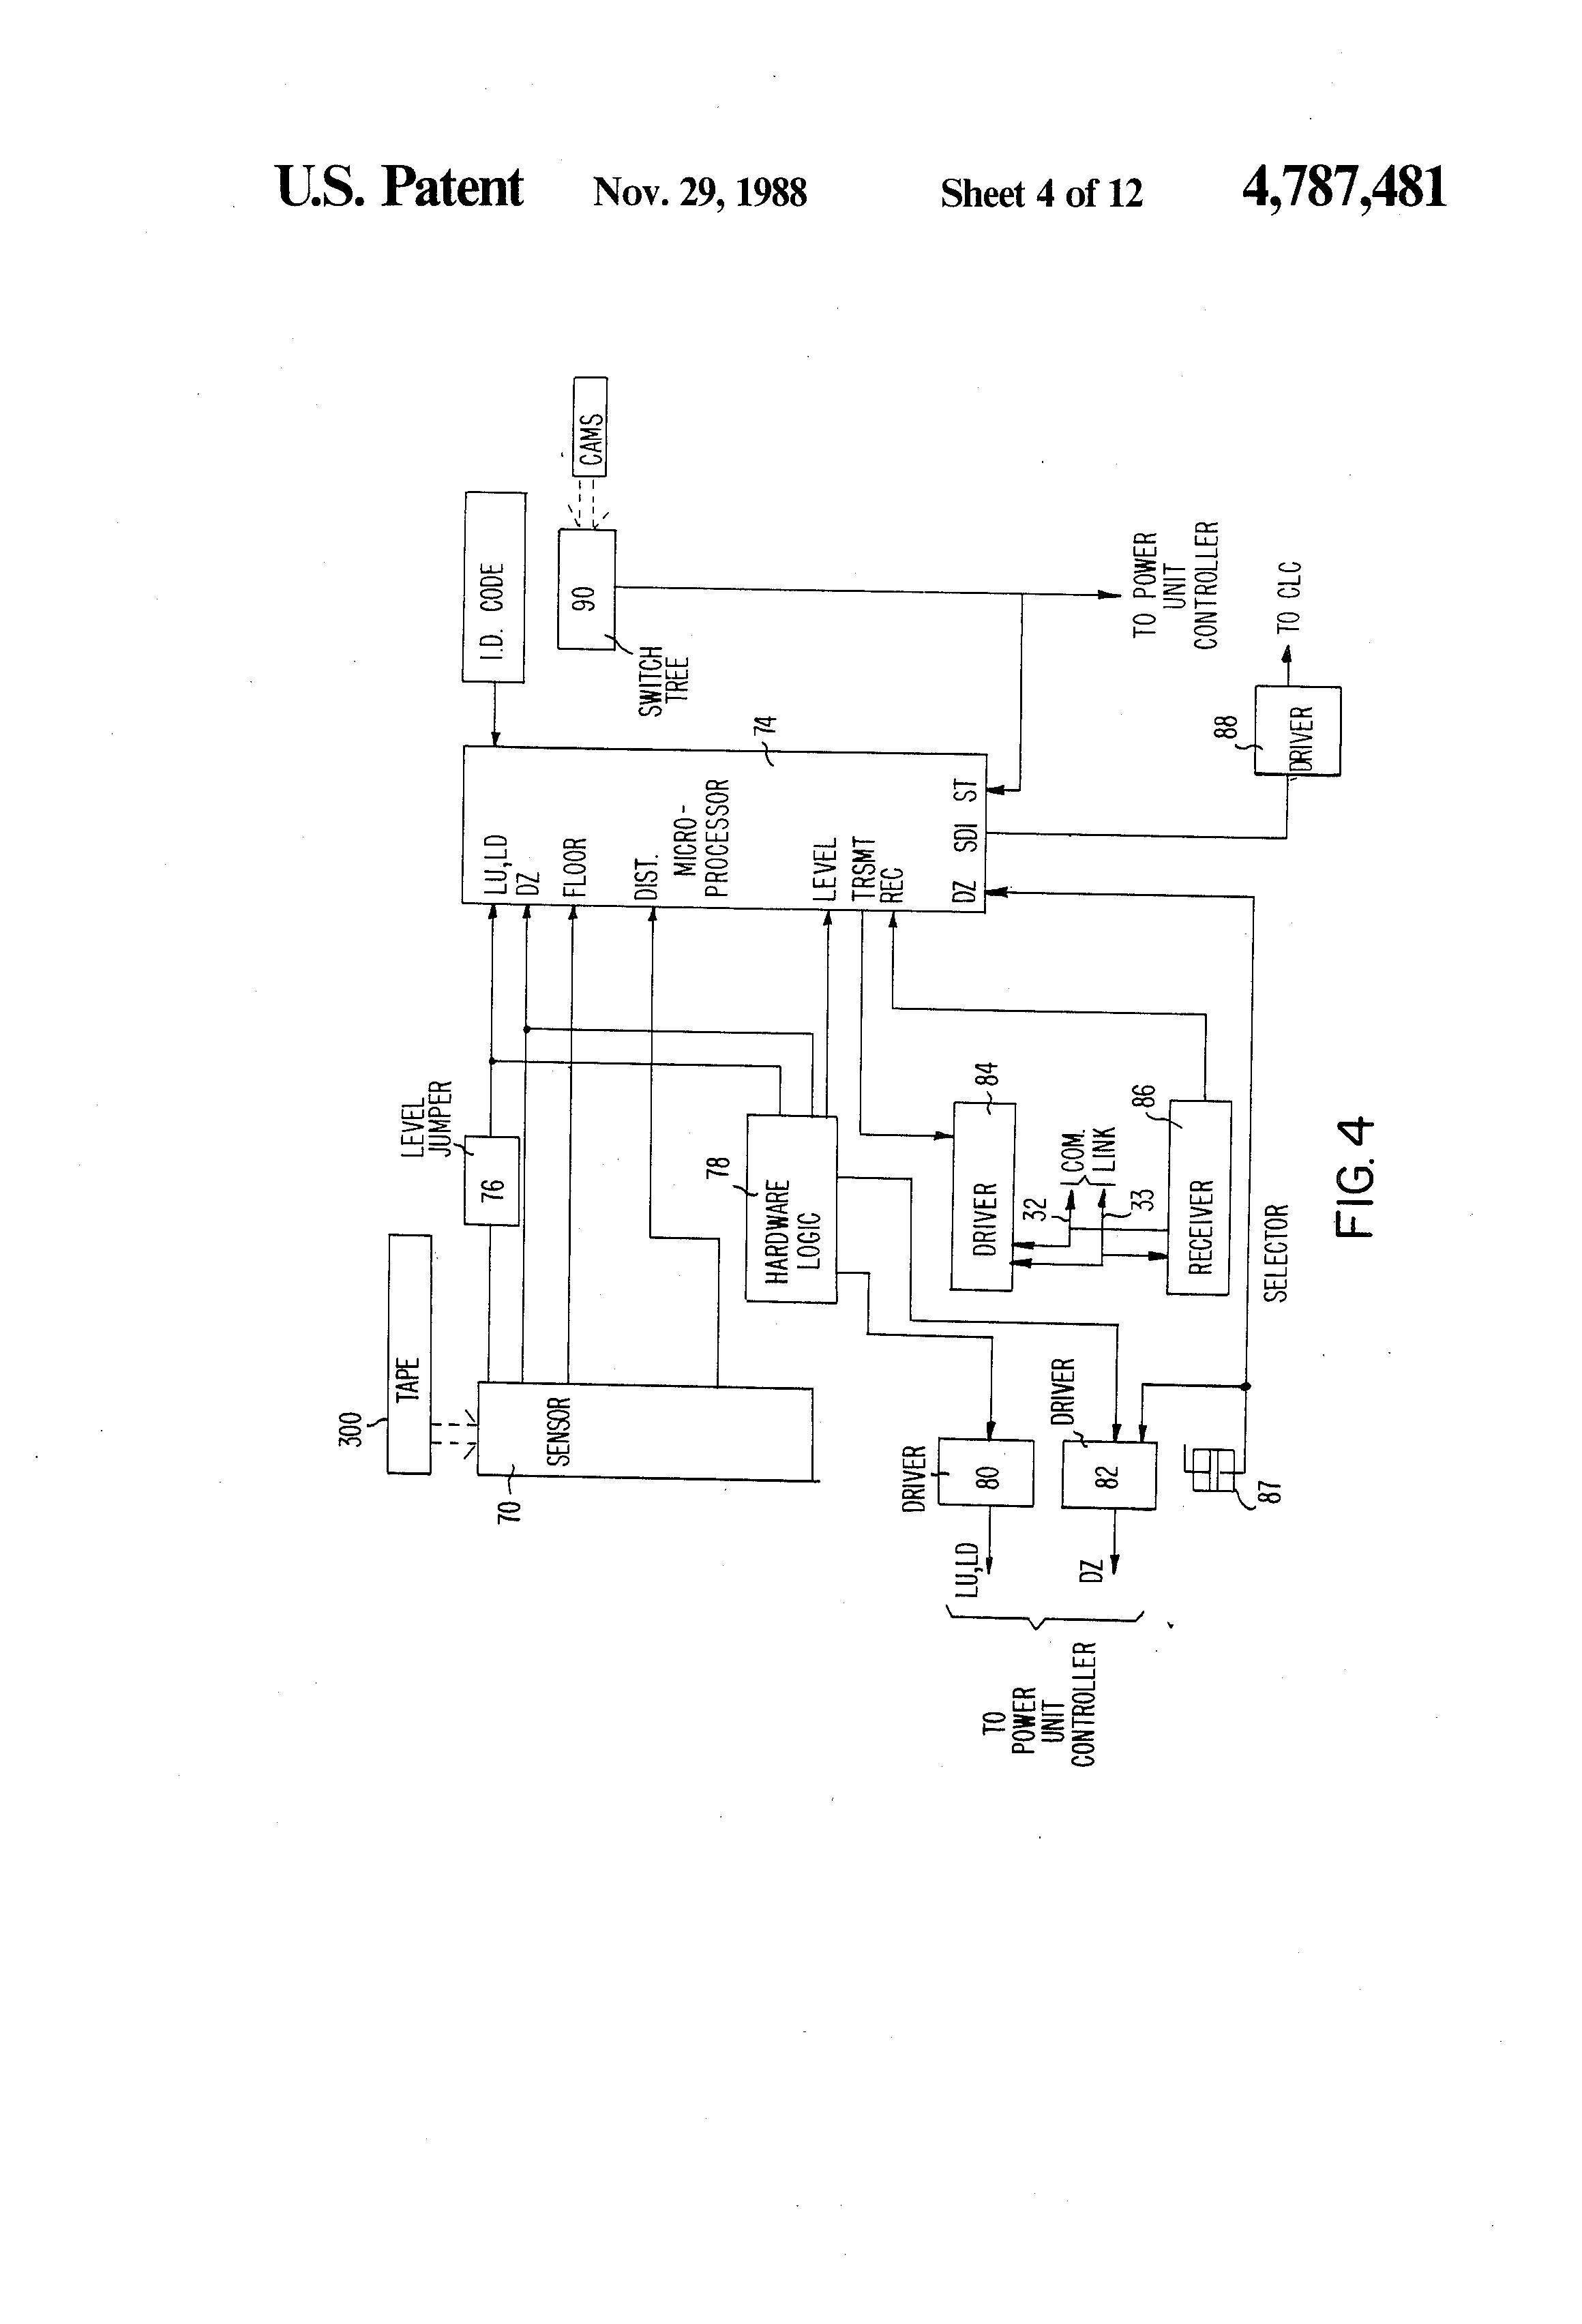 Hydraulic Elevator Wiring Diagram Mce Controller - Fusebox and Wiring  Diagram wires-feign - wires-feign.parliamoneassieme.it   Hydraulic Elevator Wiring Diagram Mce Controller      diagram database